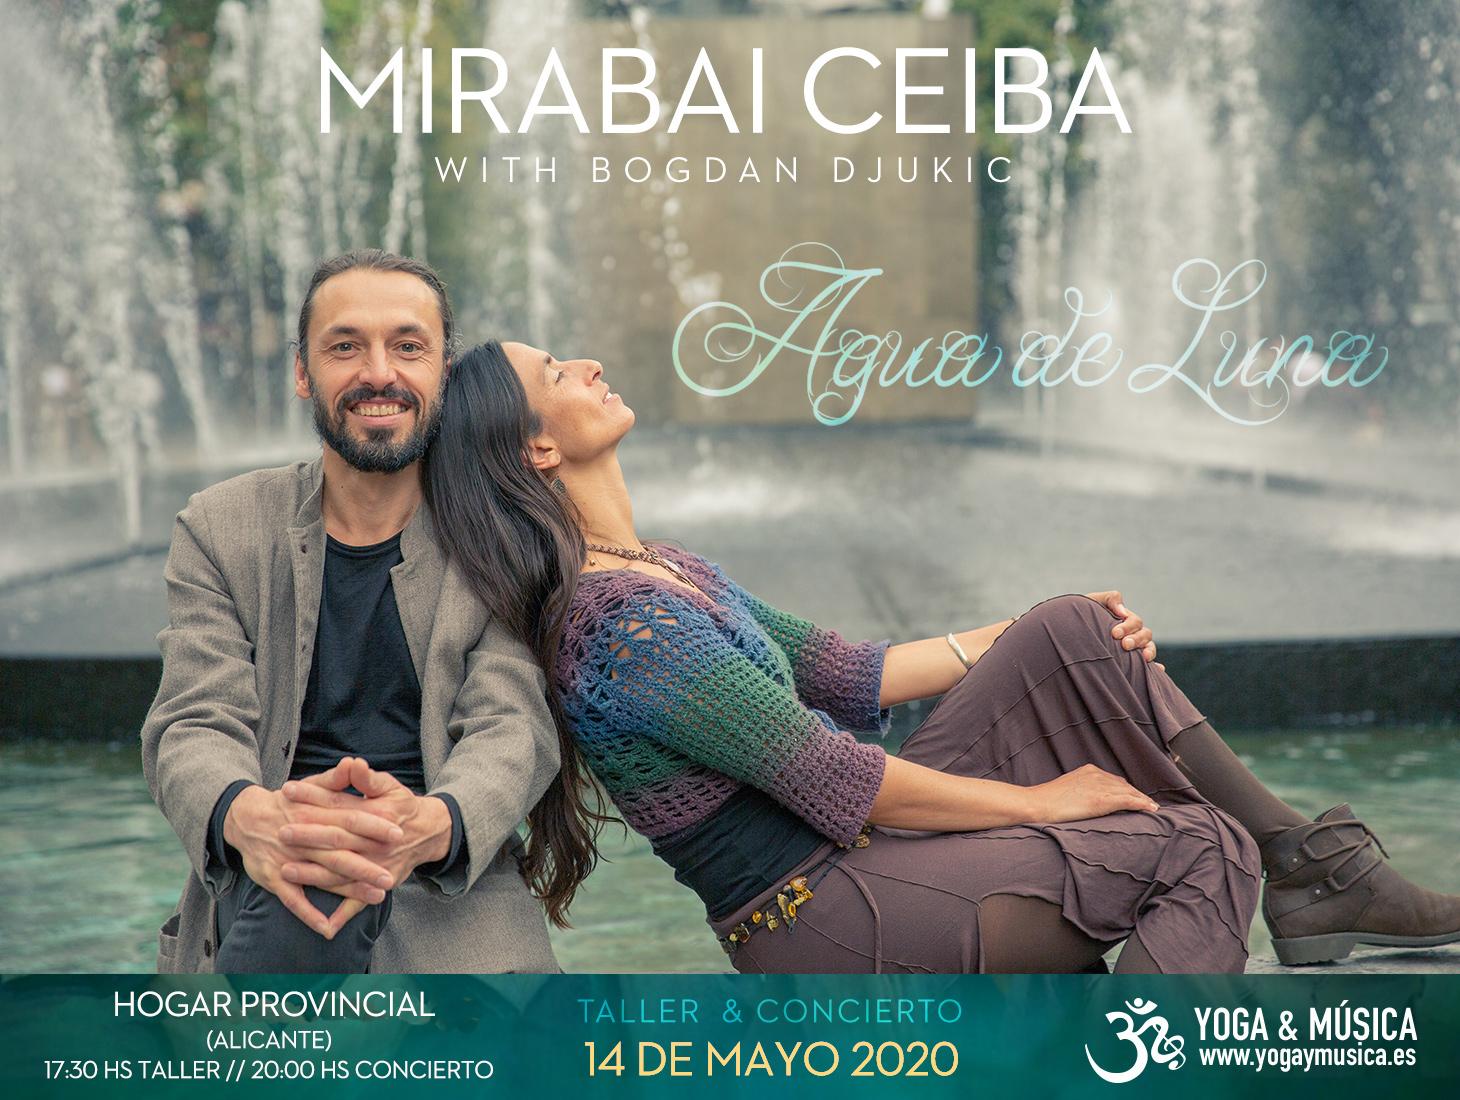 mirabai-ceiba-en-alicante-hogar-provincial-santa-faz-5e4c0e15b8235.jpeg